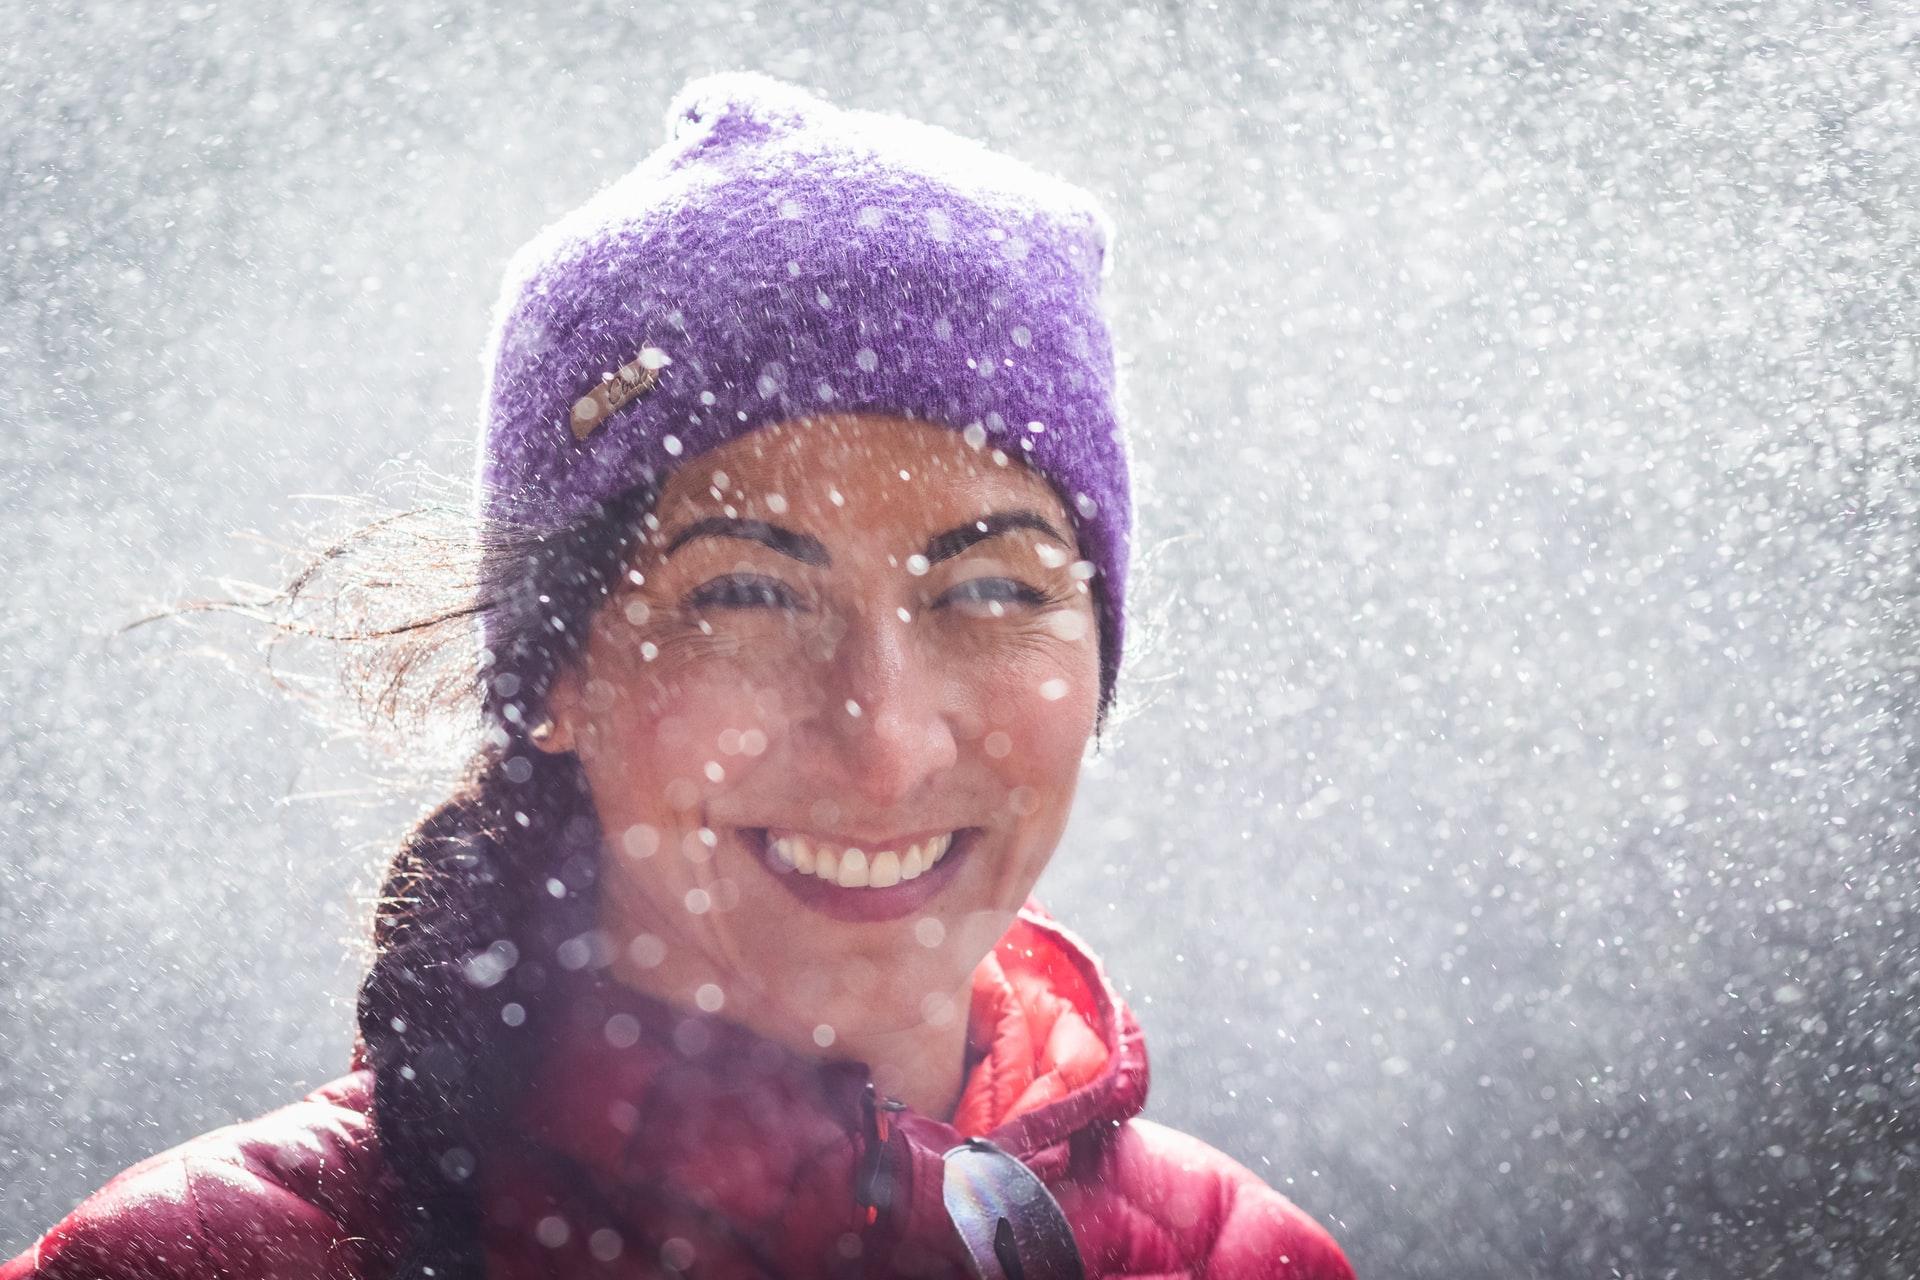 Hören & Ohrenschmerzen in der kalten Jahreszeit – Wichtige Tipps für gesunde Ohren im Winter